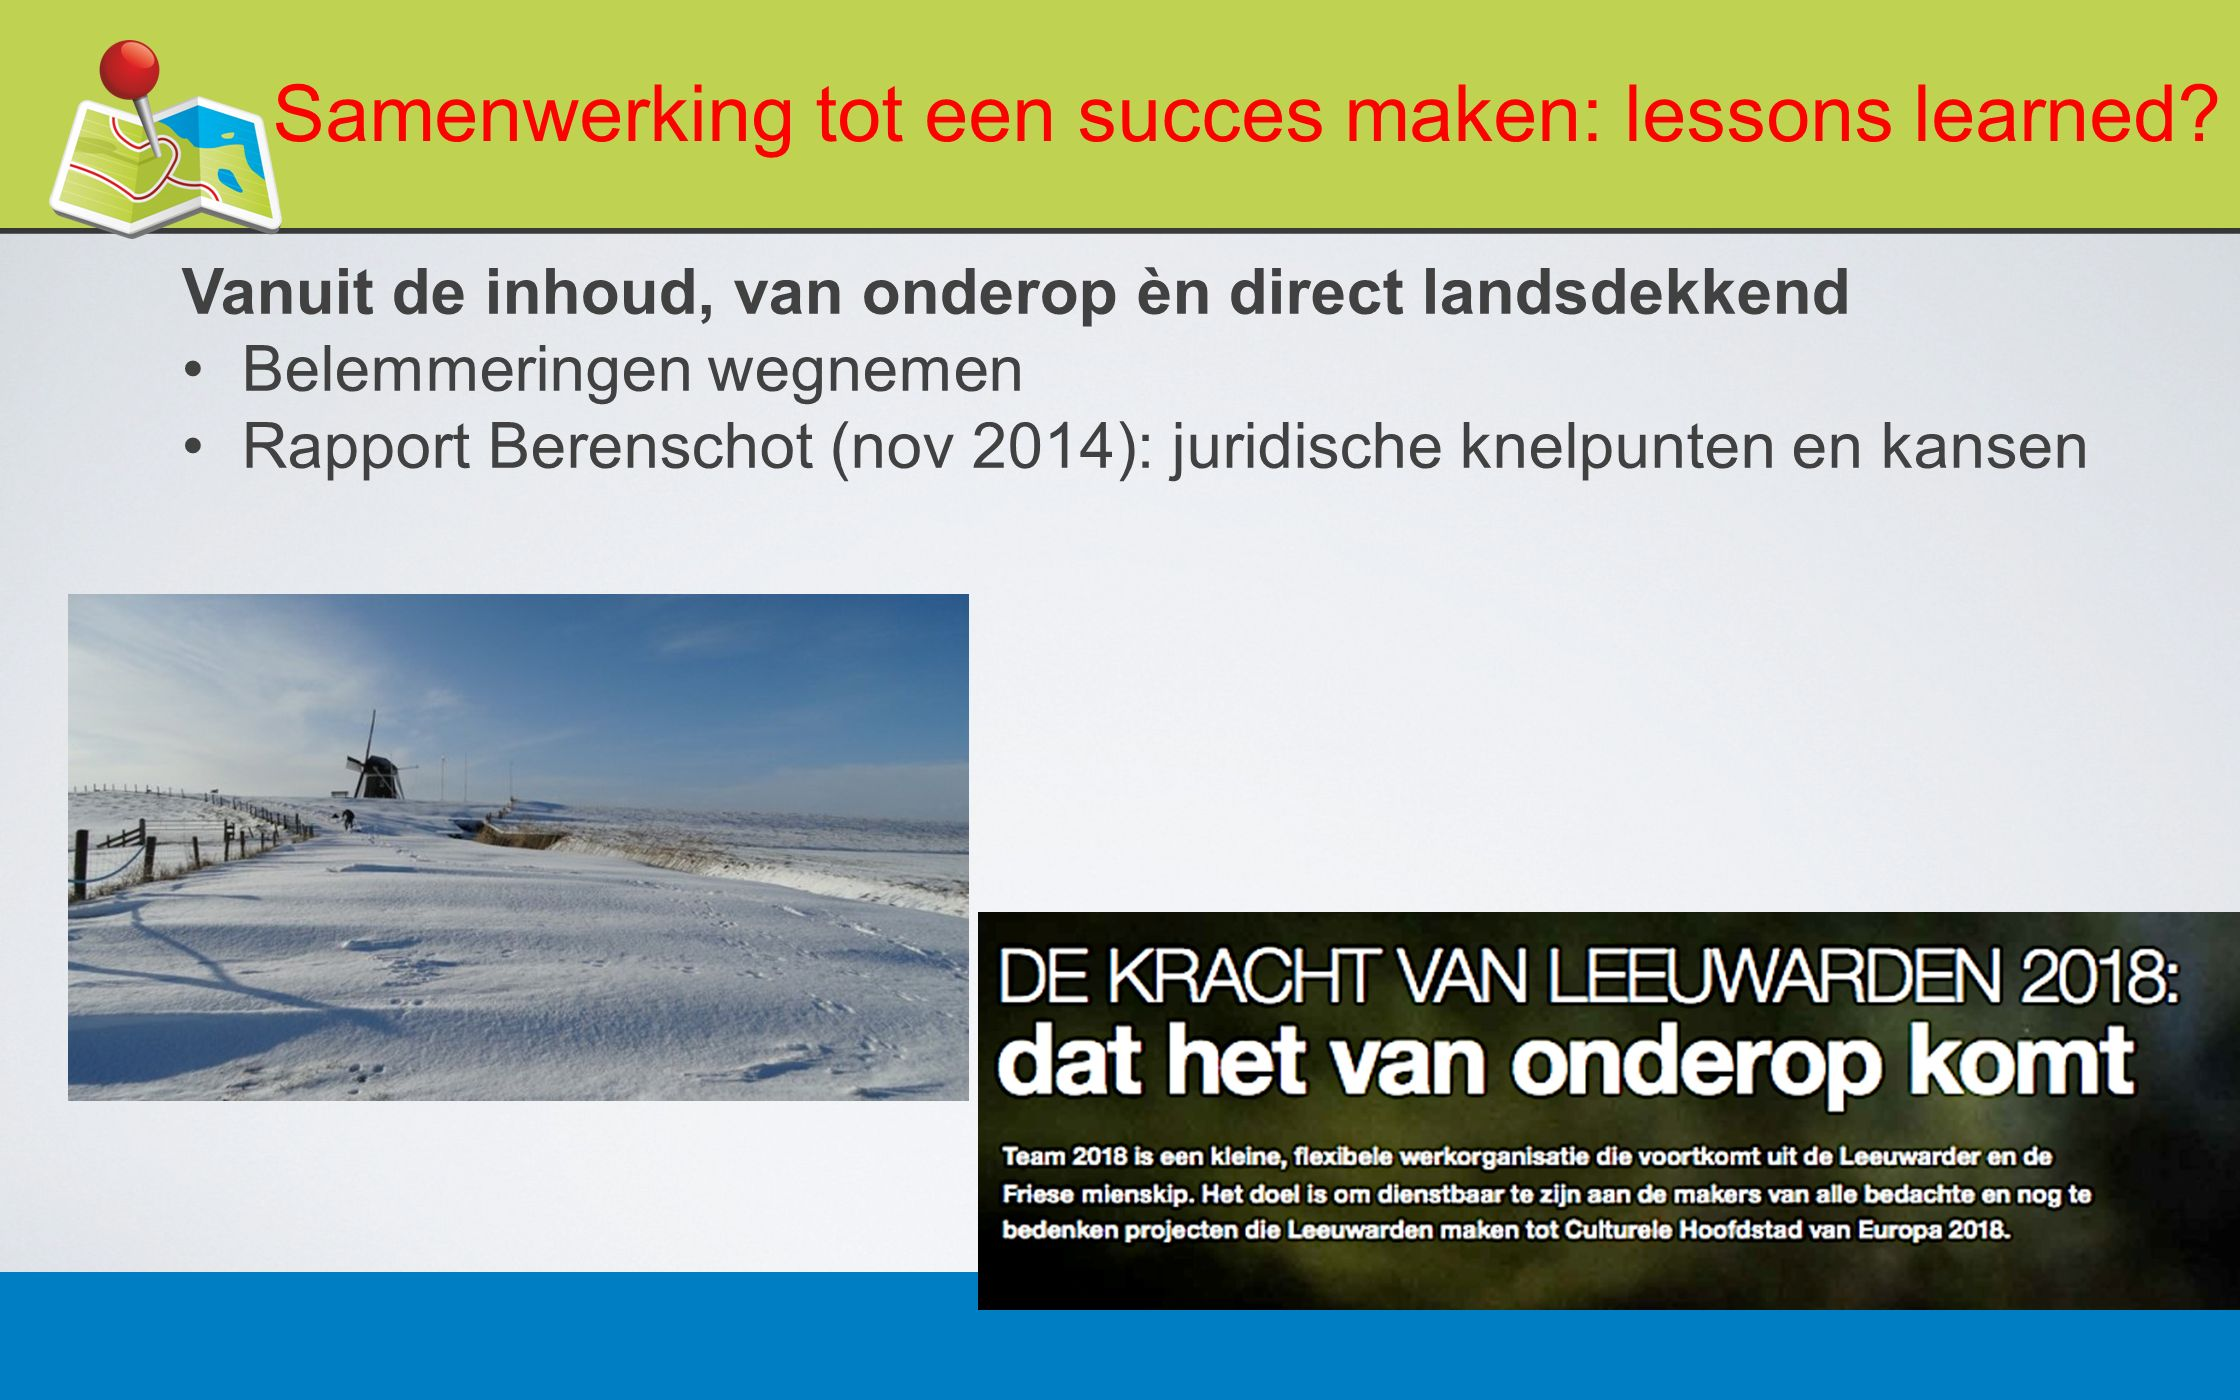 Samenwerking tot een succes maken: lessons learned